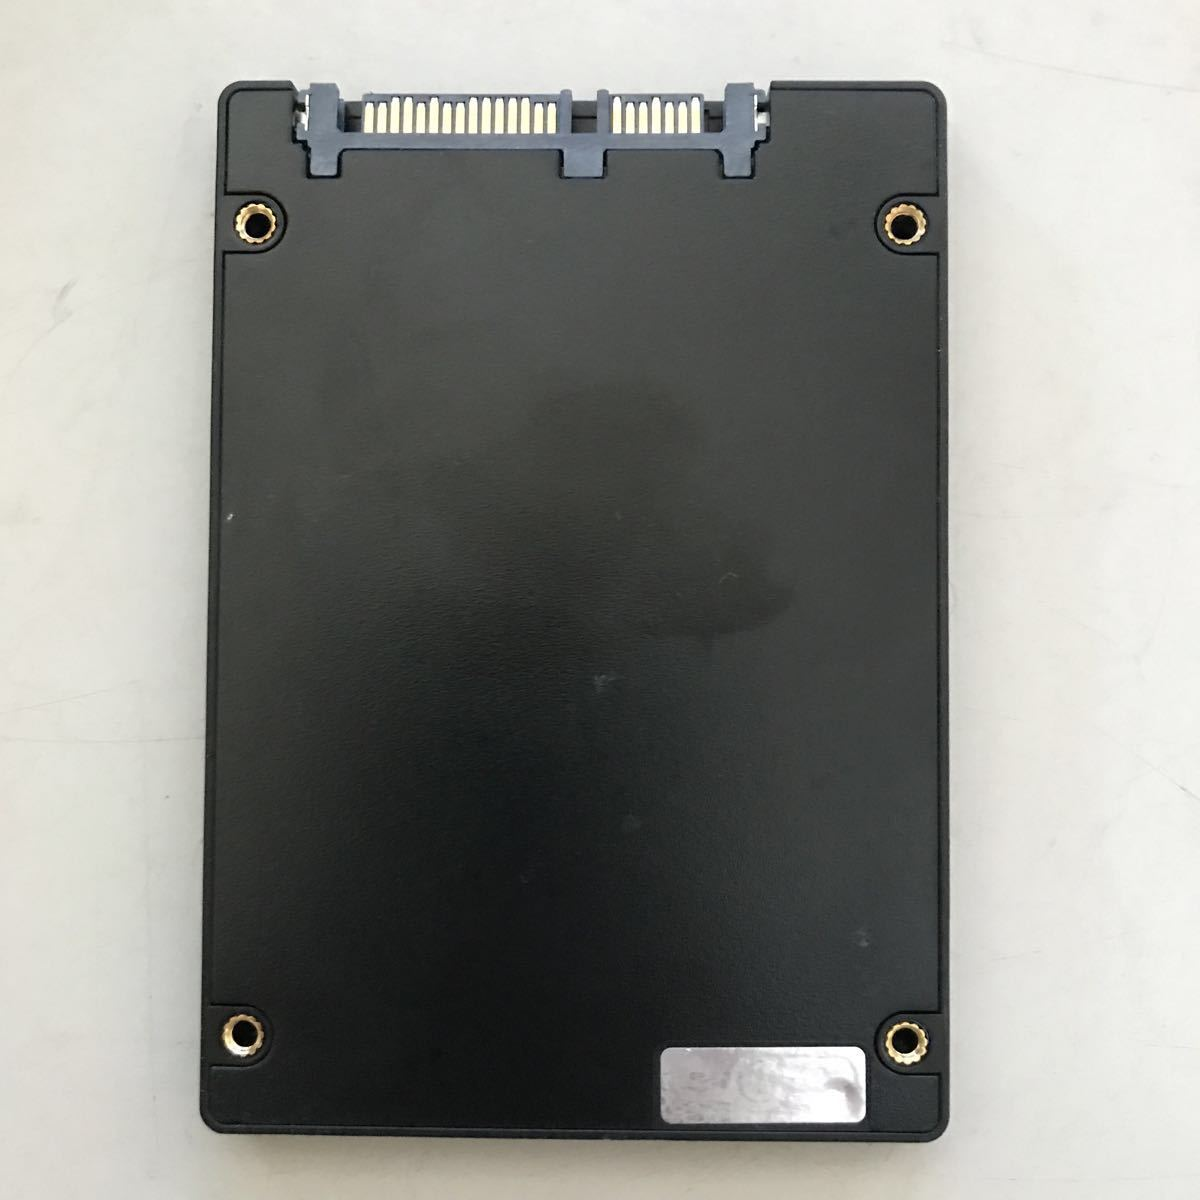 478時間使用 Transcend 512GB TS512GSSD320 管理No.sd2_画像3